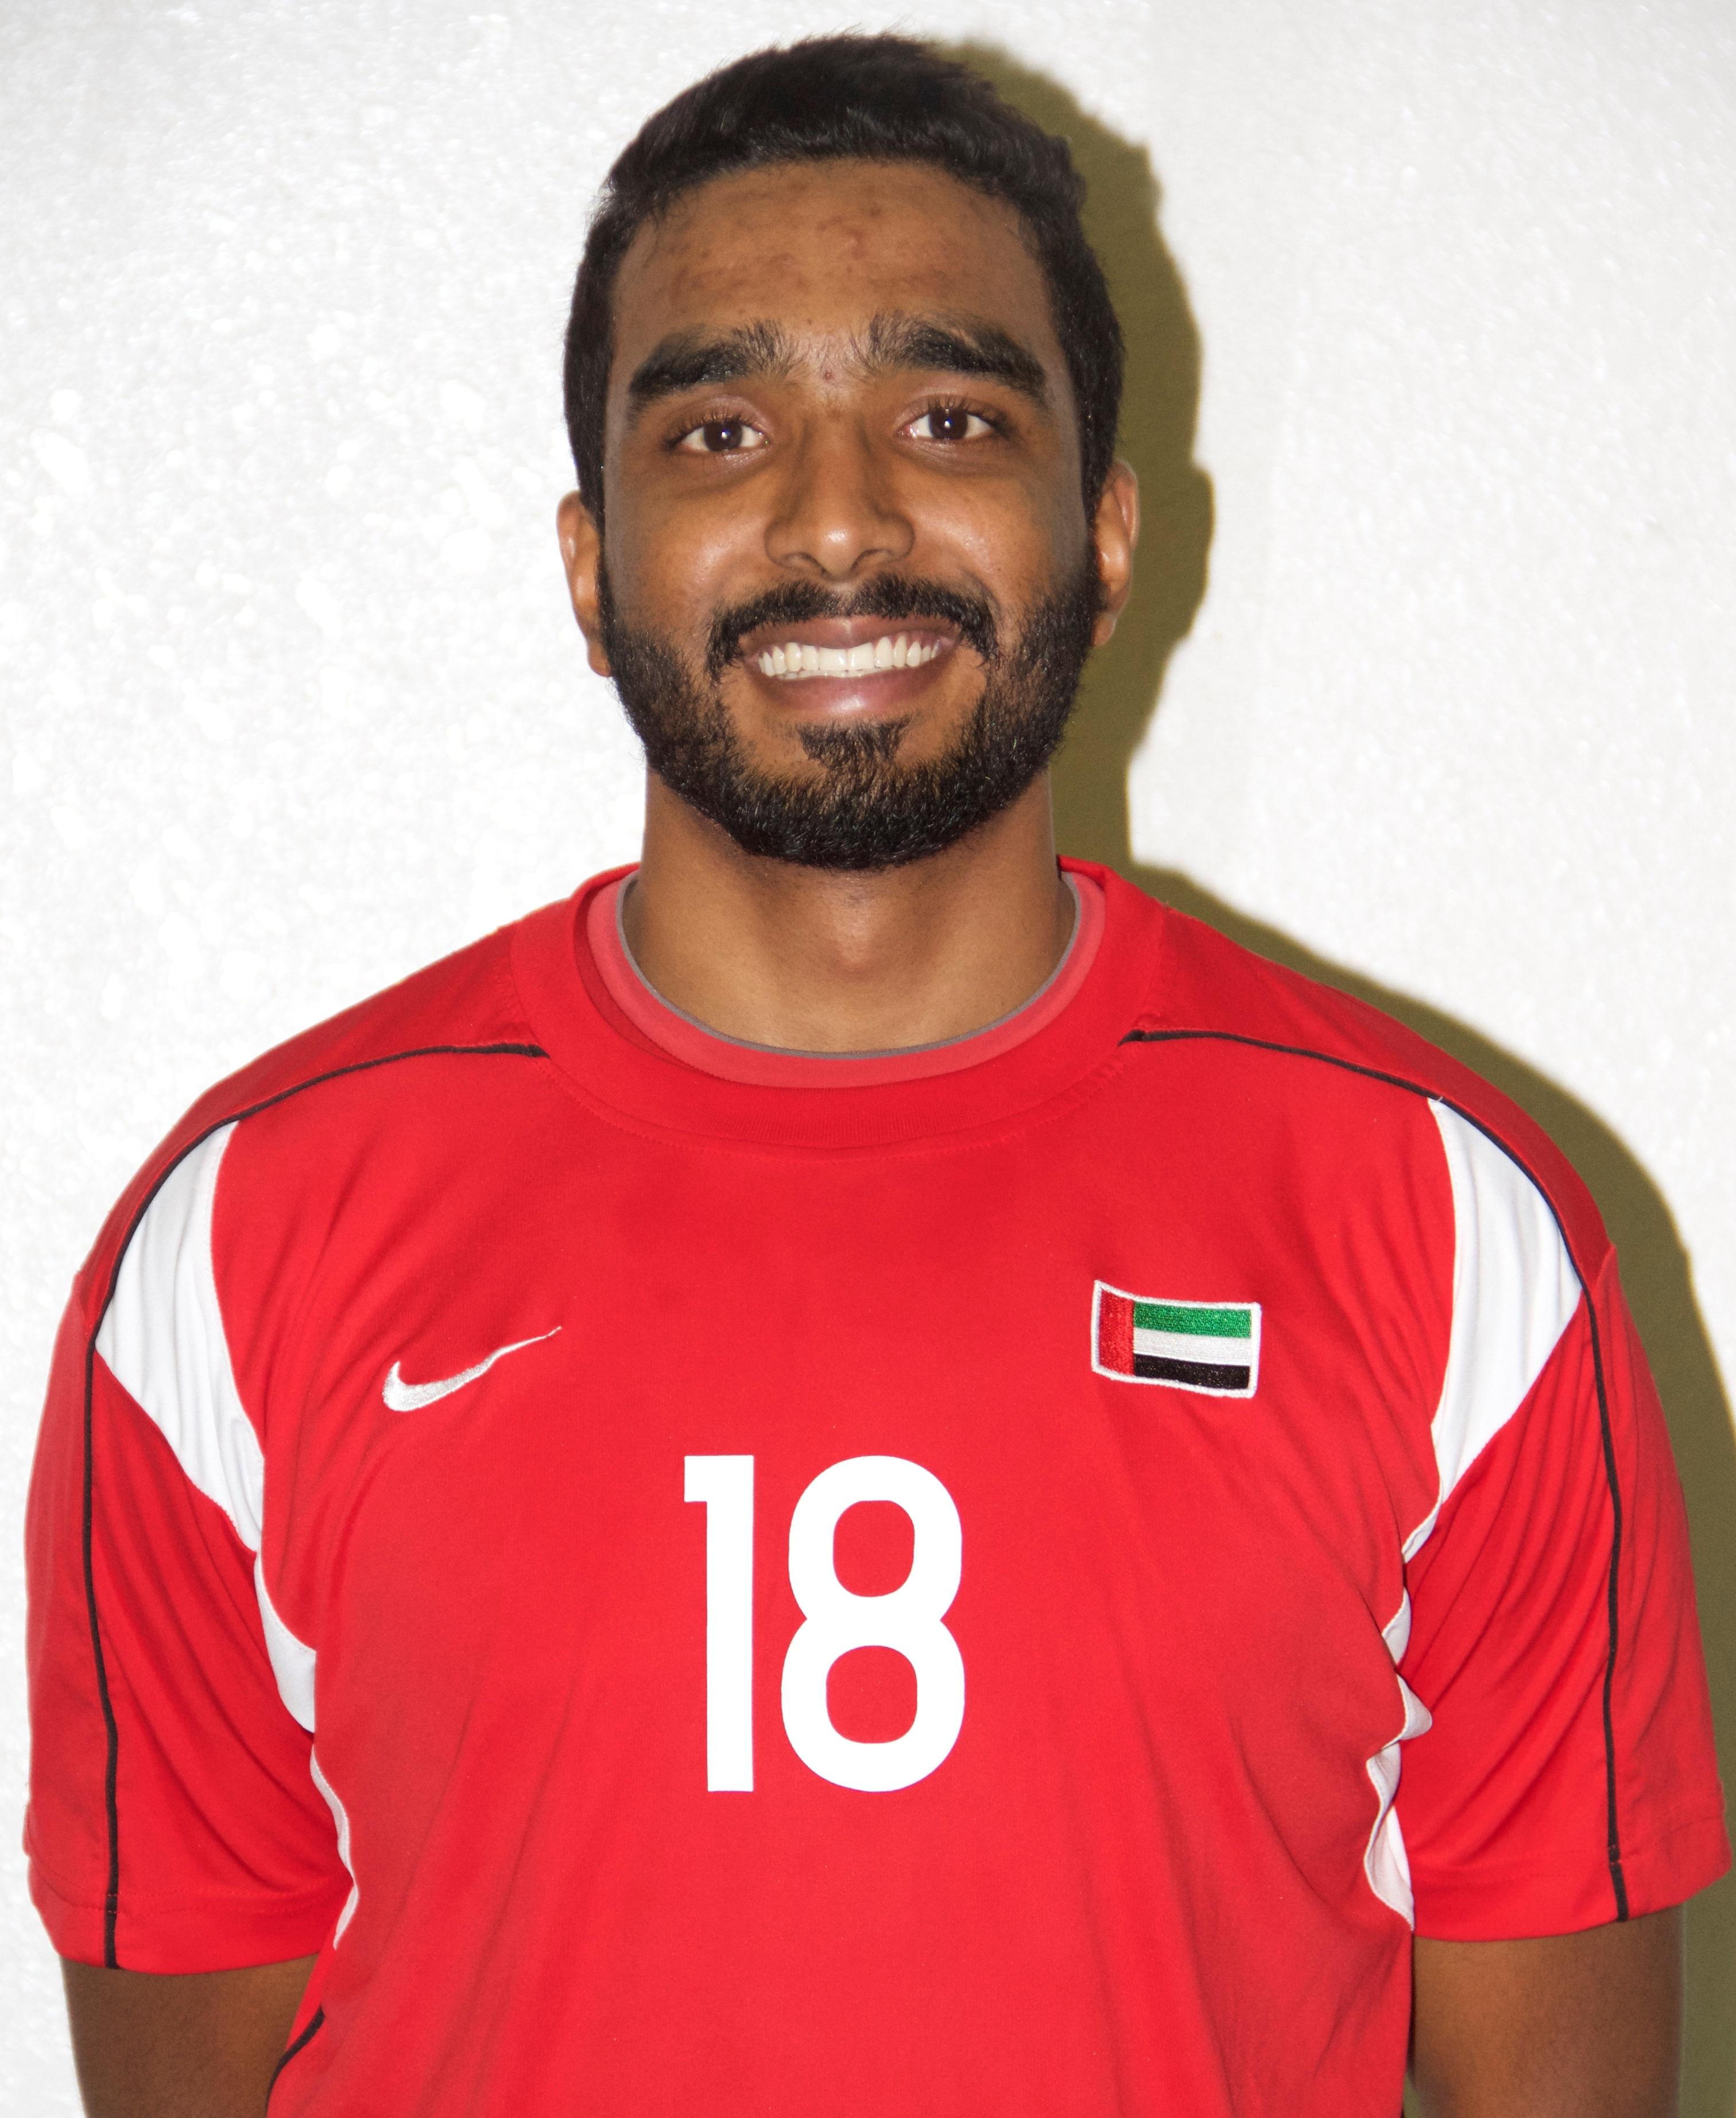 Ahmed Buhabil